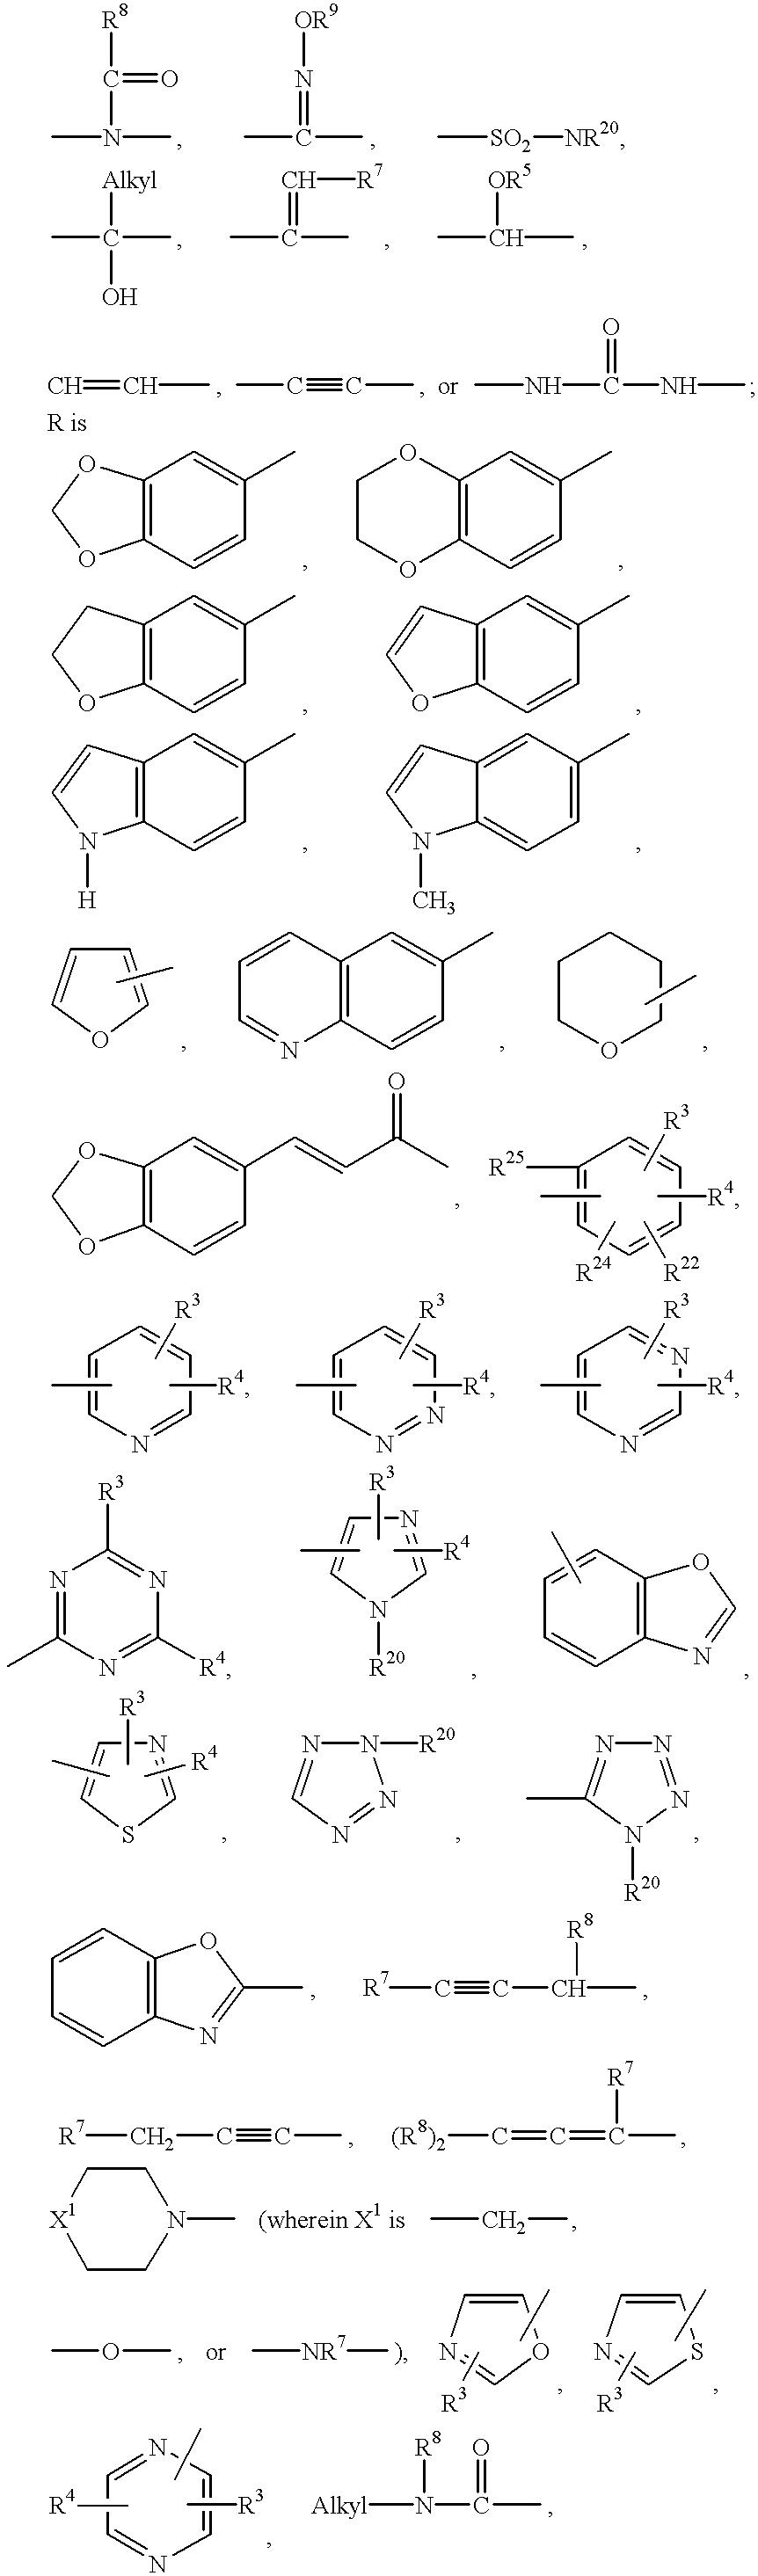 Figure US20020103205A1-20020801-C00180